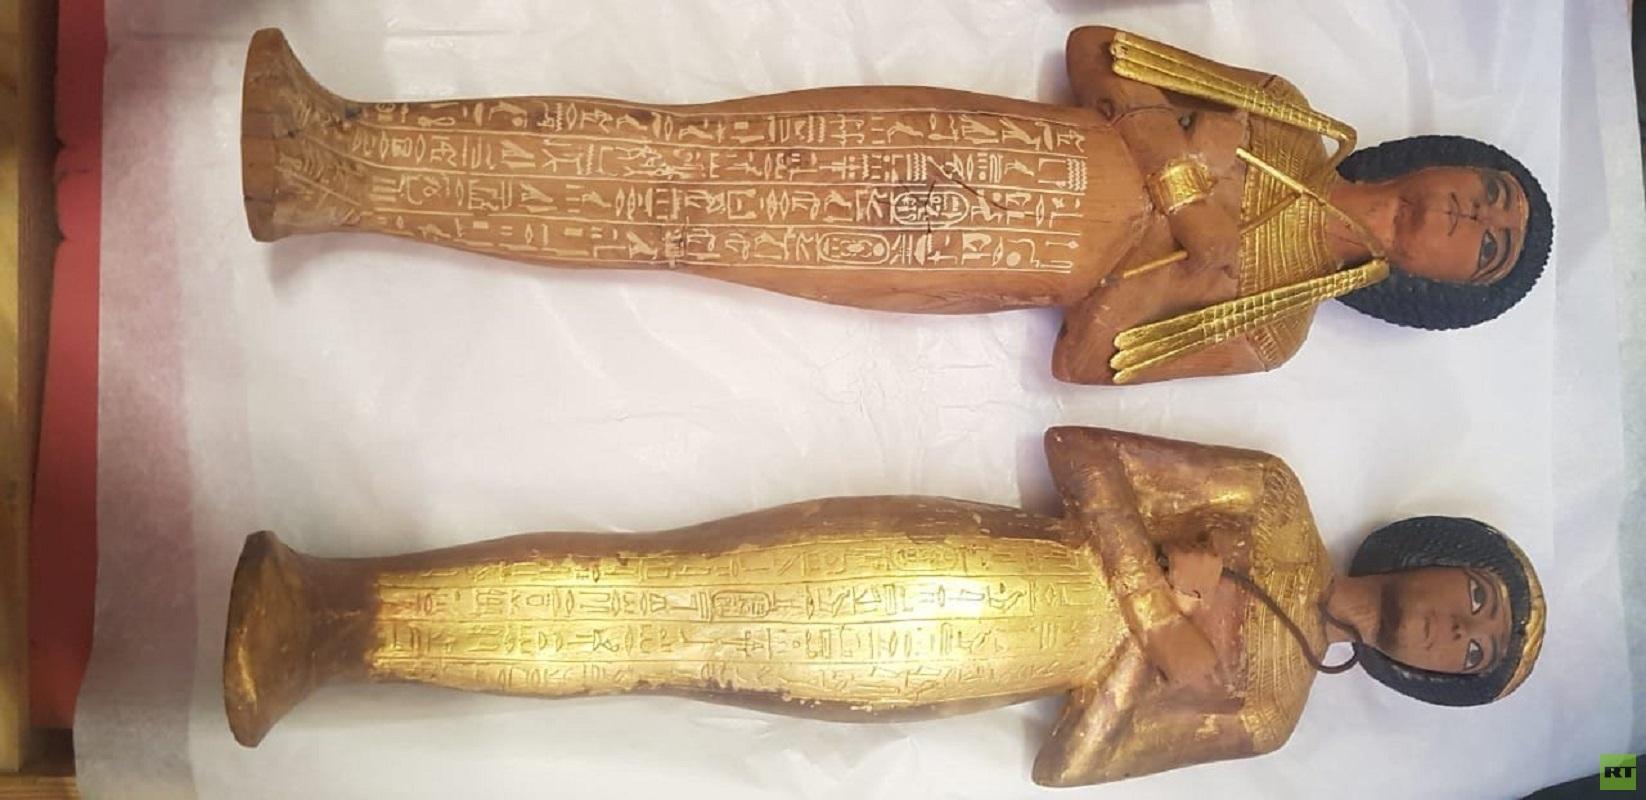 المتحف المصري الكبير يستقبل ألفي قطعة أثرية جديدة